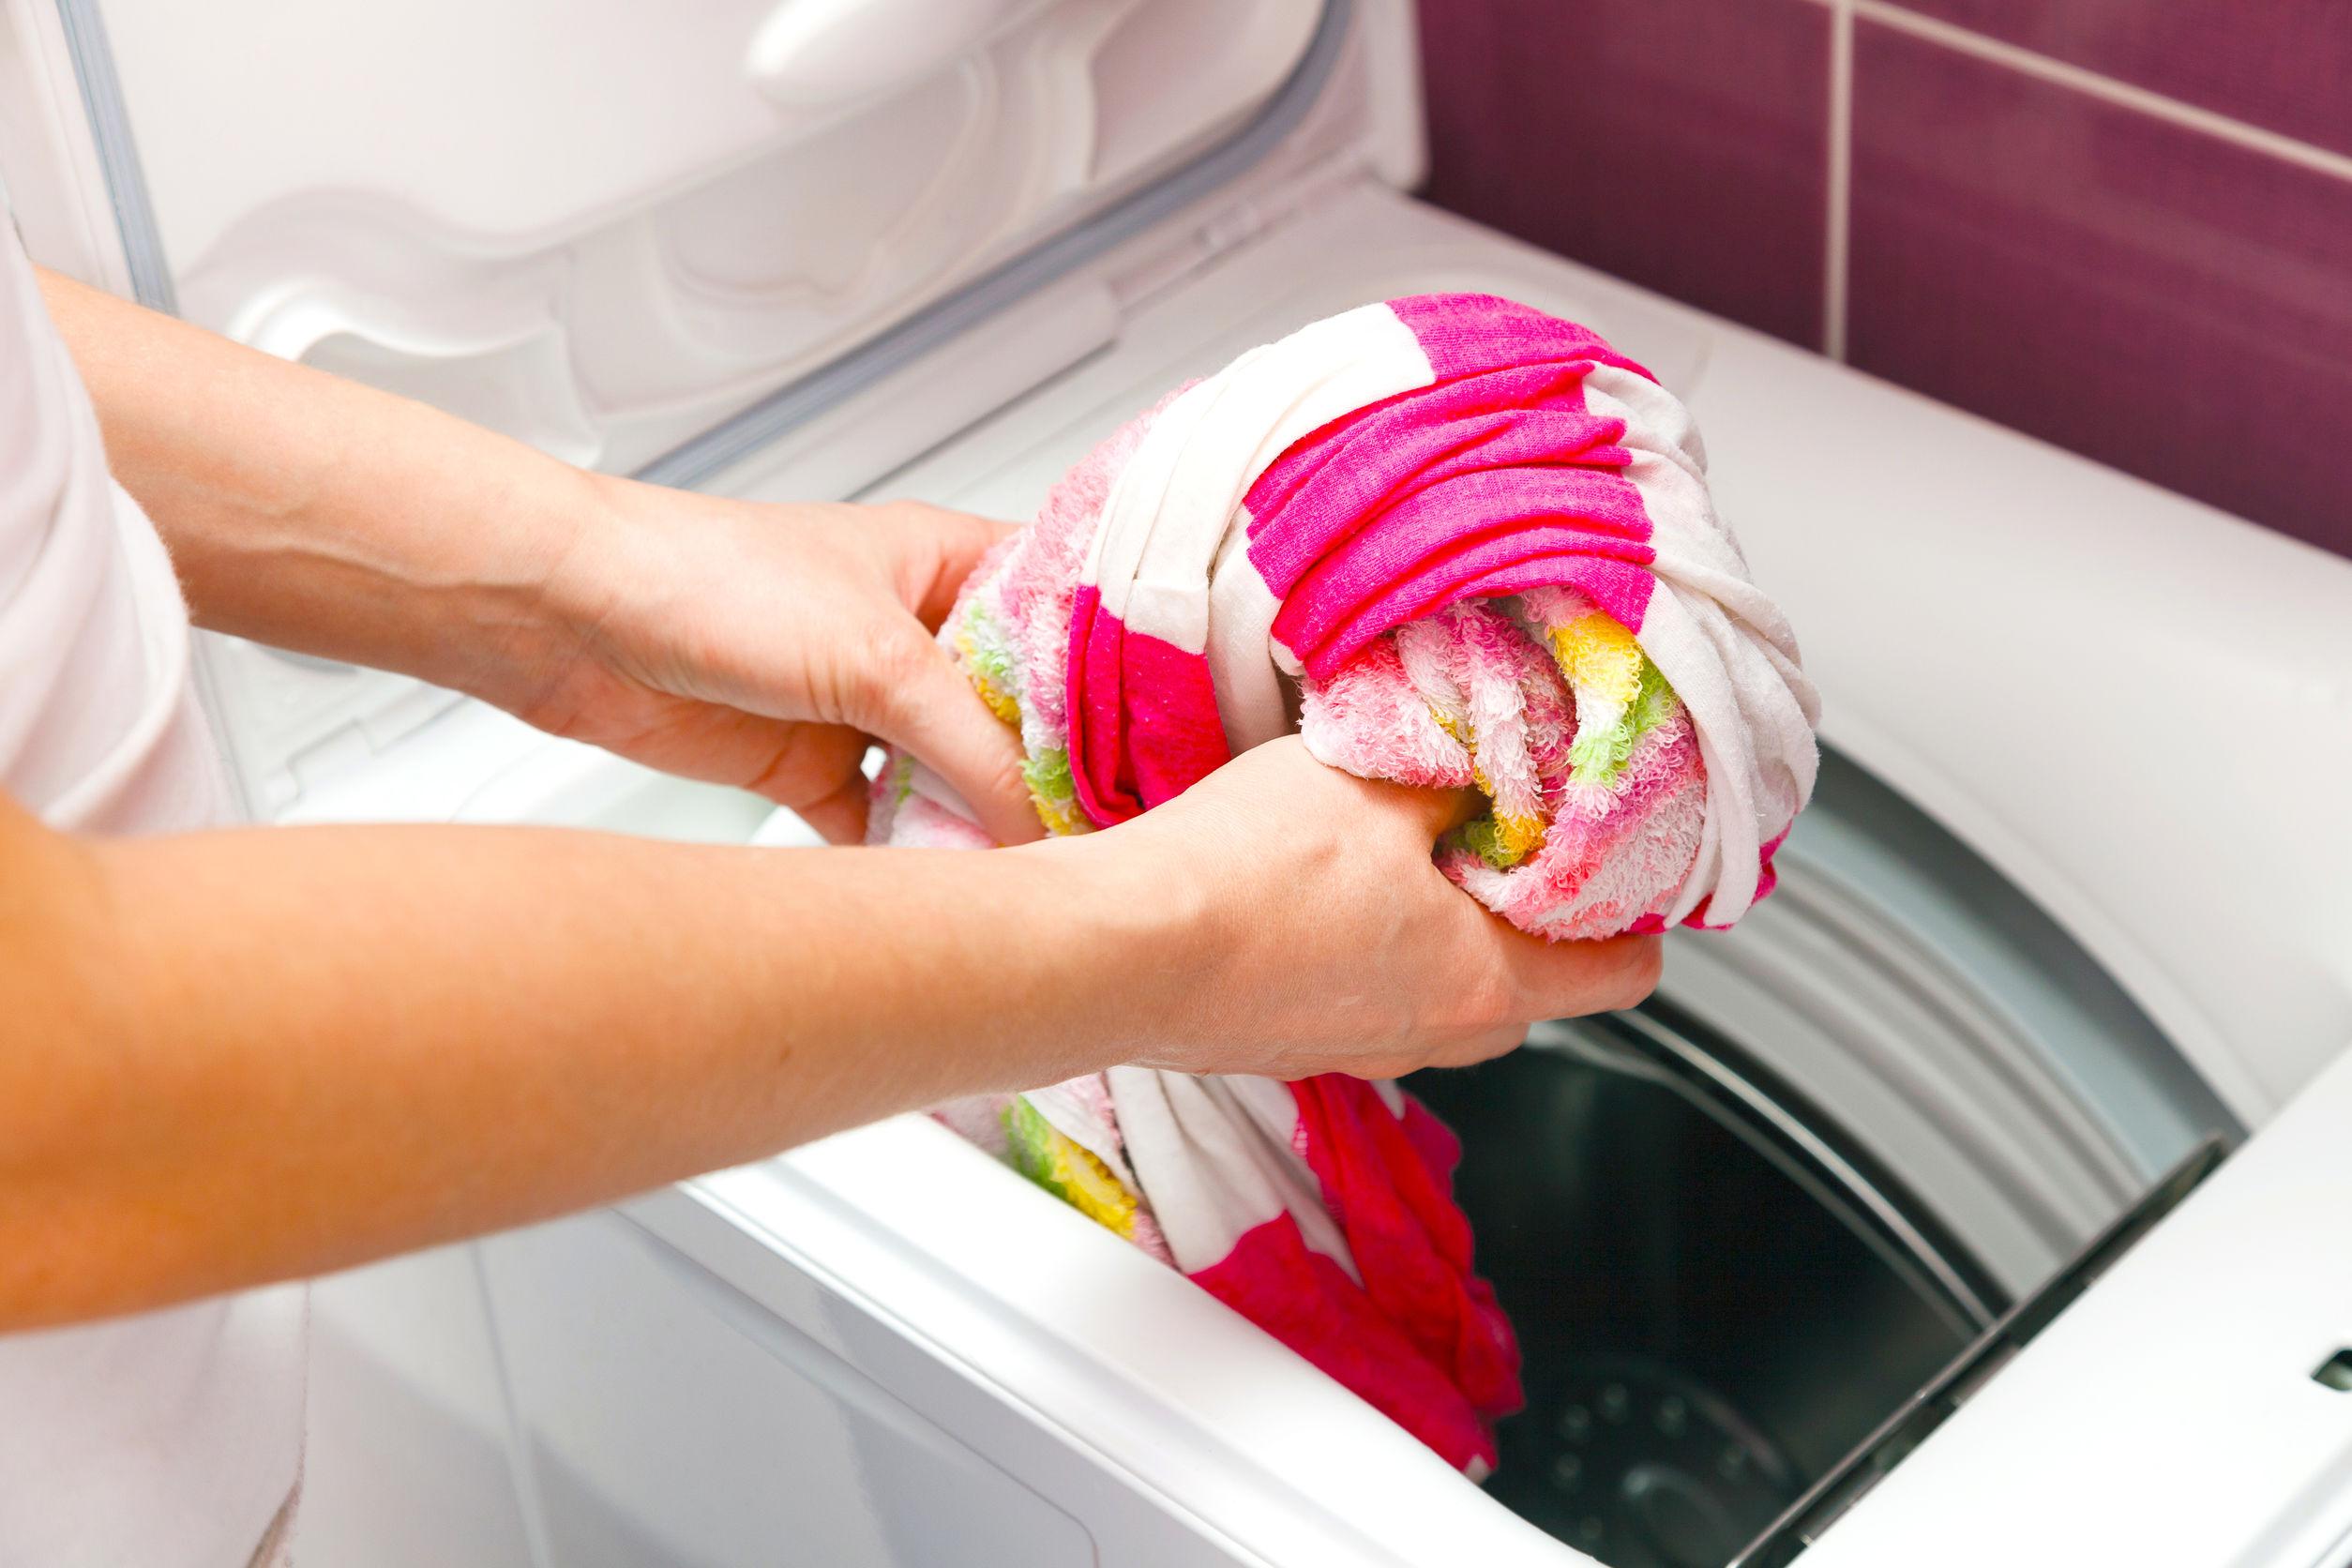 Roupas coloridas sendo colocadas na máquina de lavar